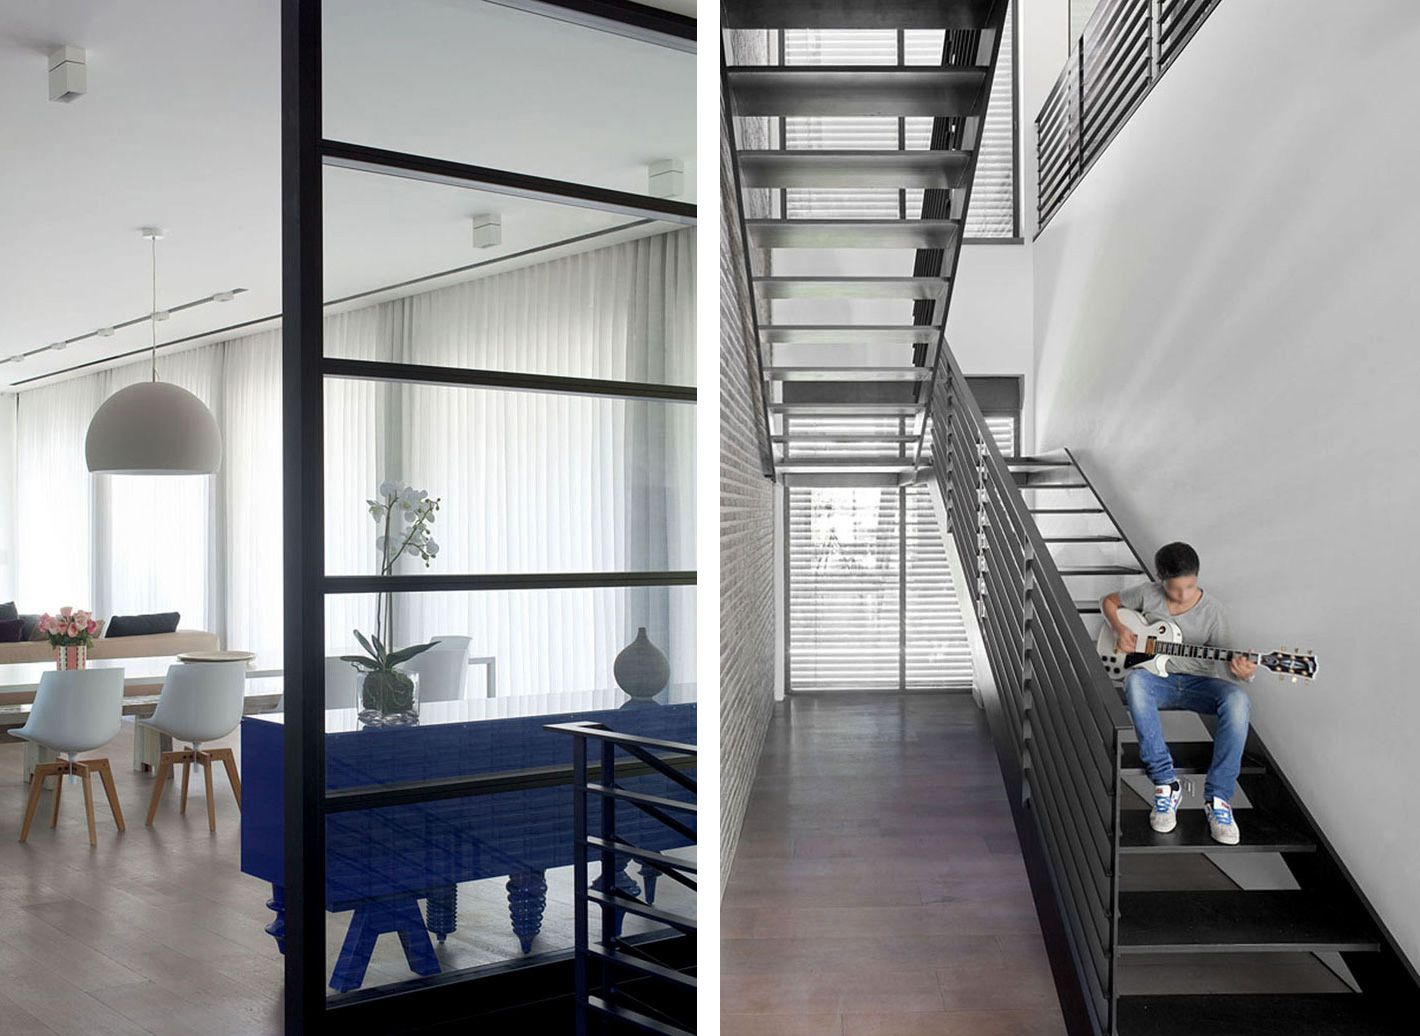 Ramat-Hasharon-House-10-10